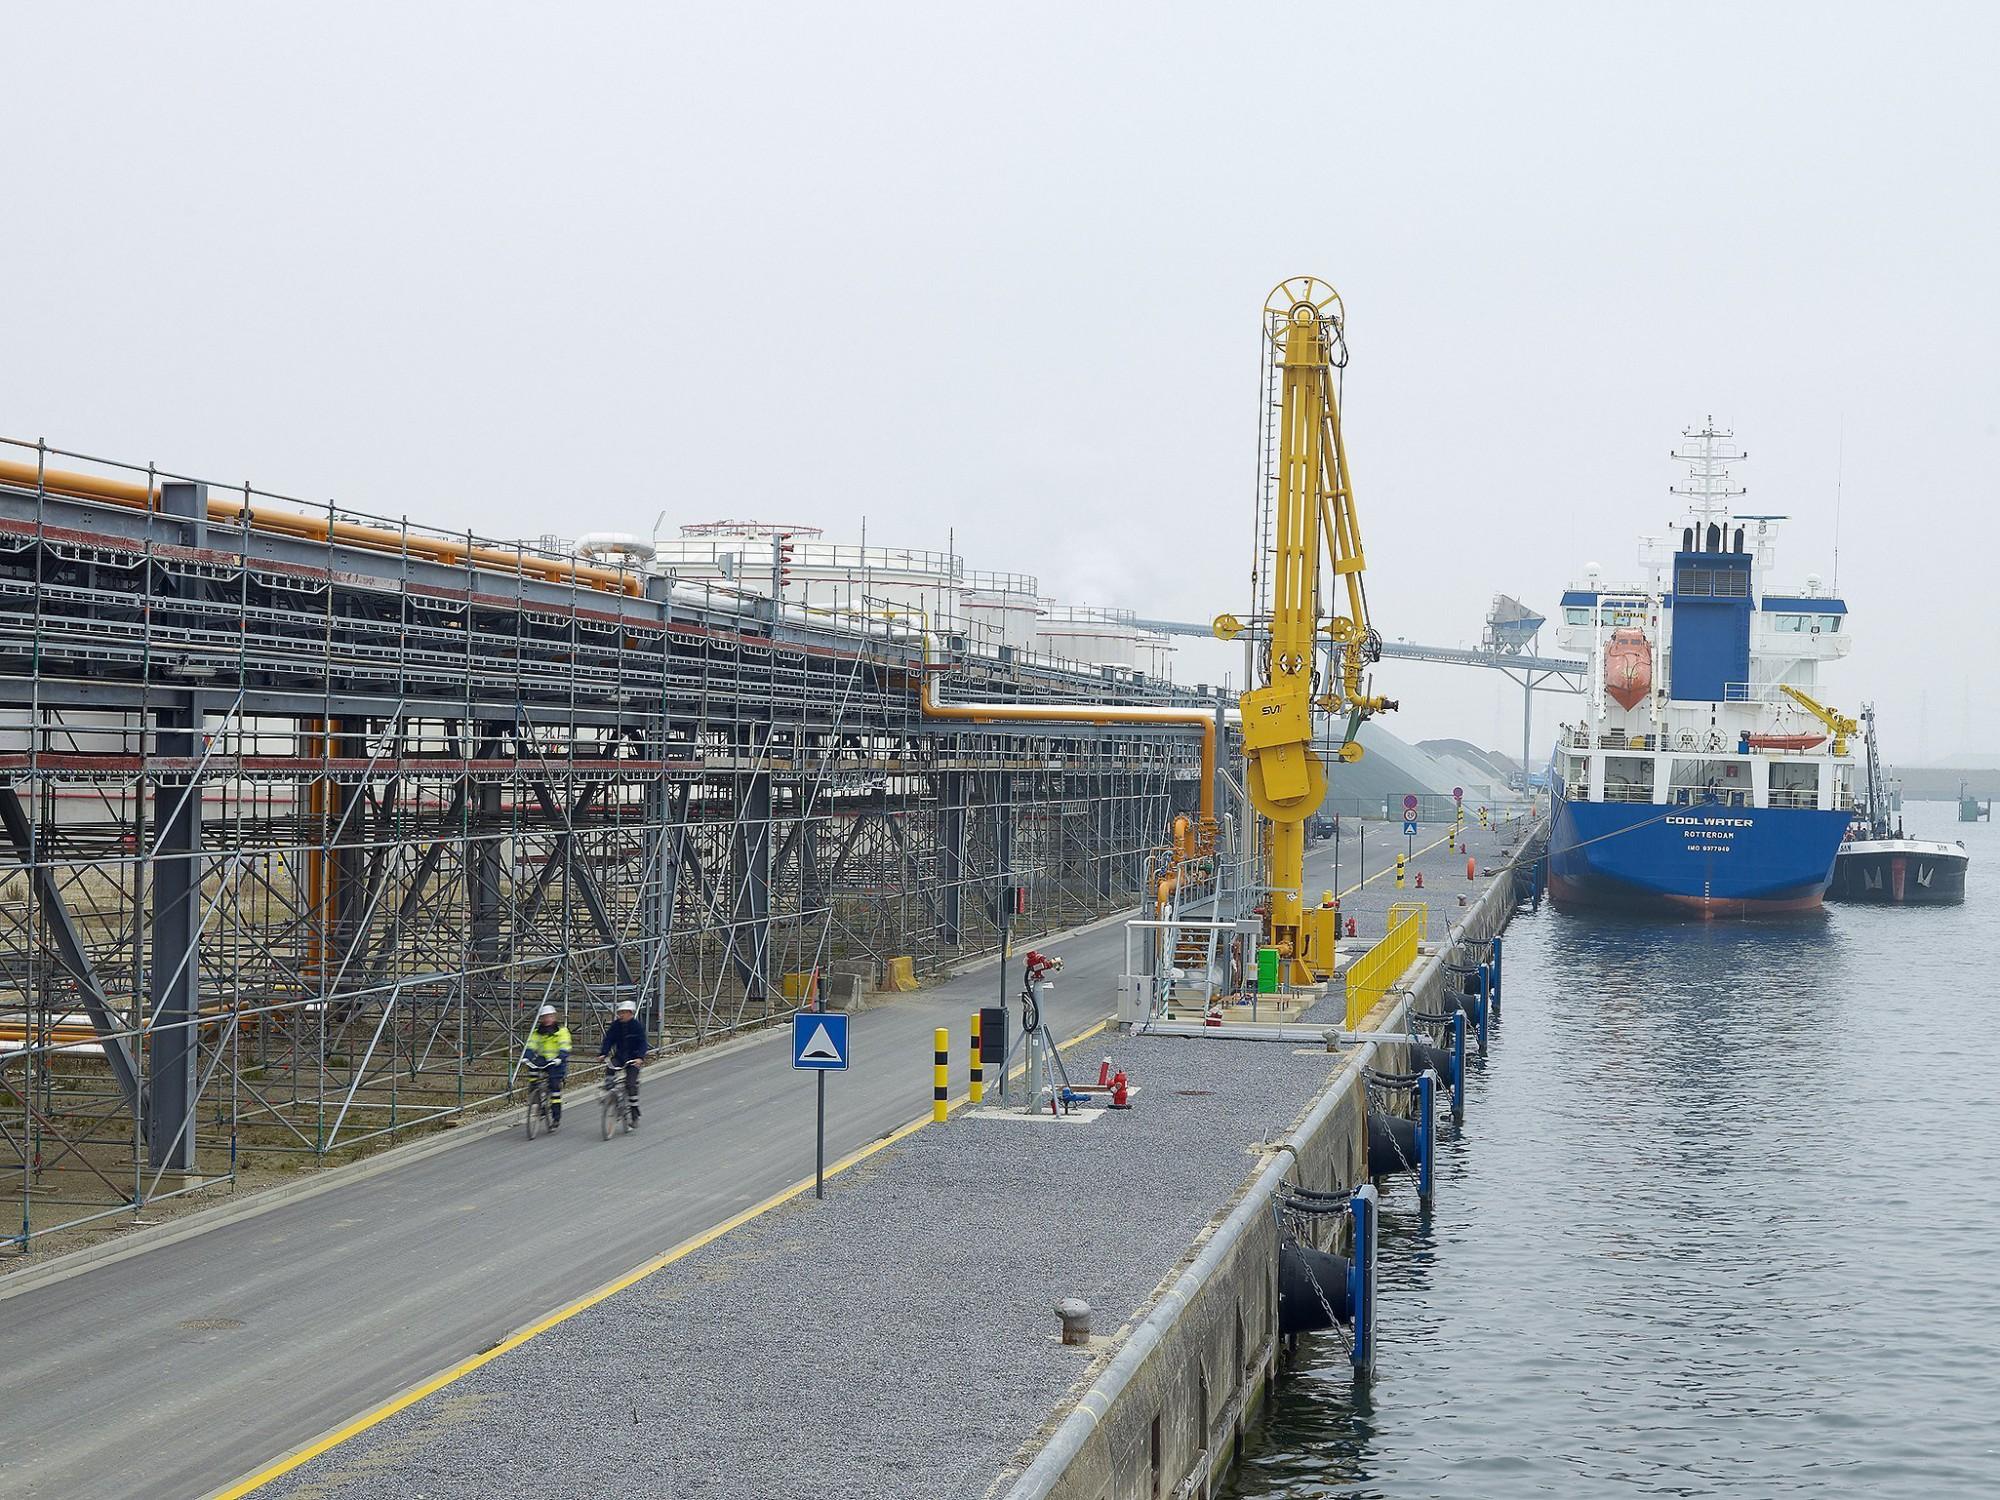 Afbeelding: Fotografie ITC Rubis, pipe racks, haven Antwerpen, voor ASK Romein.